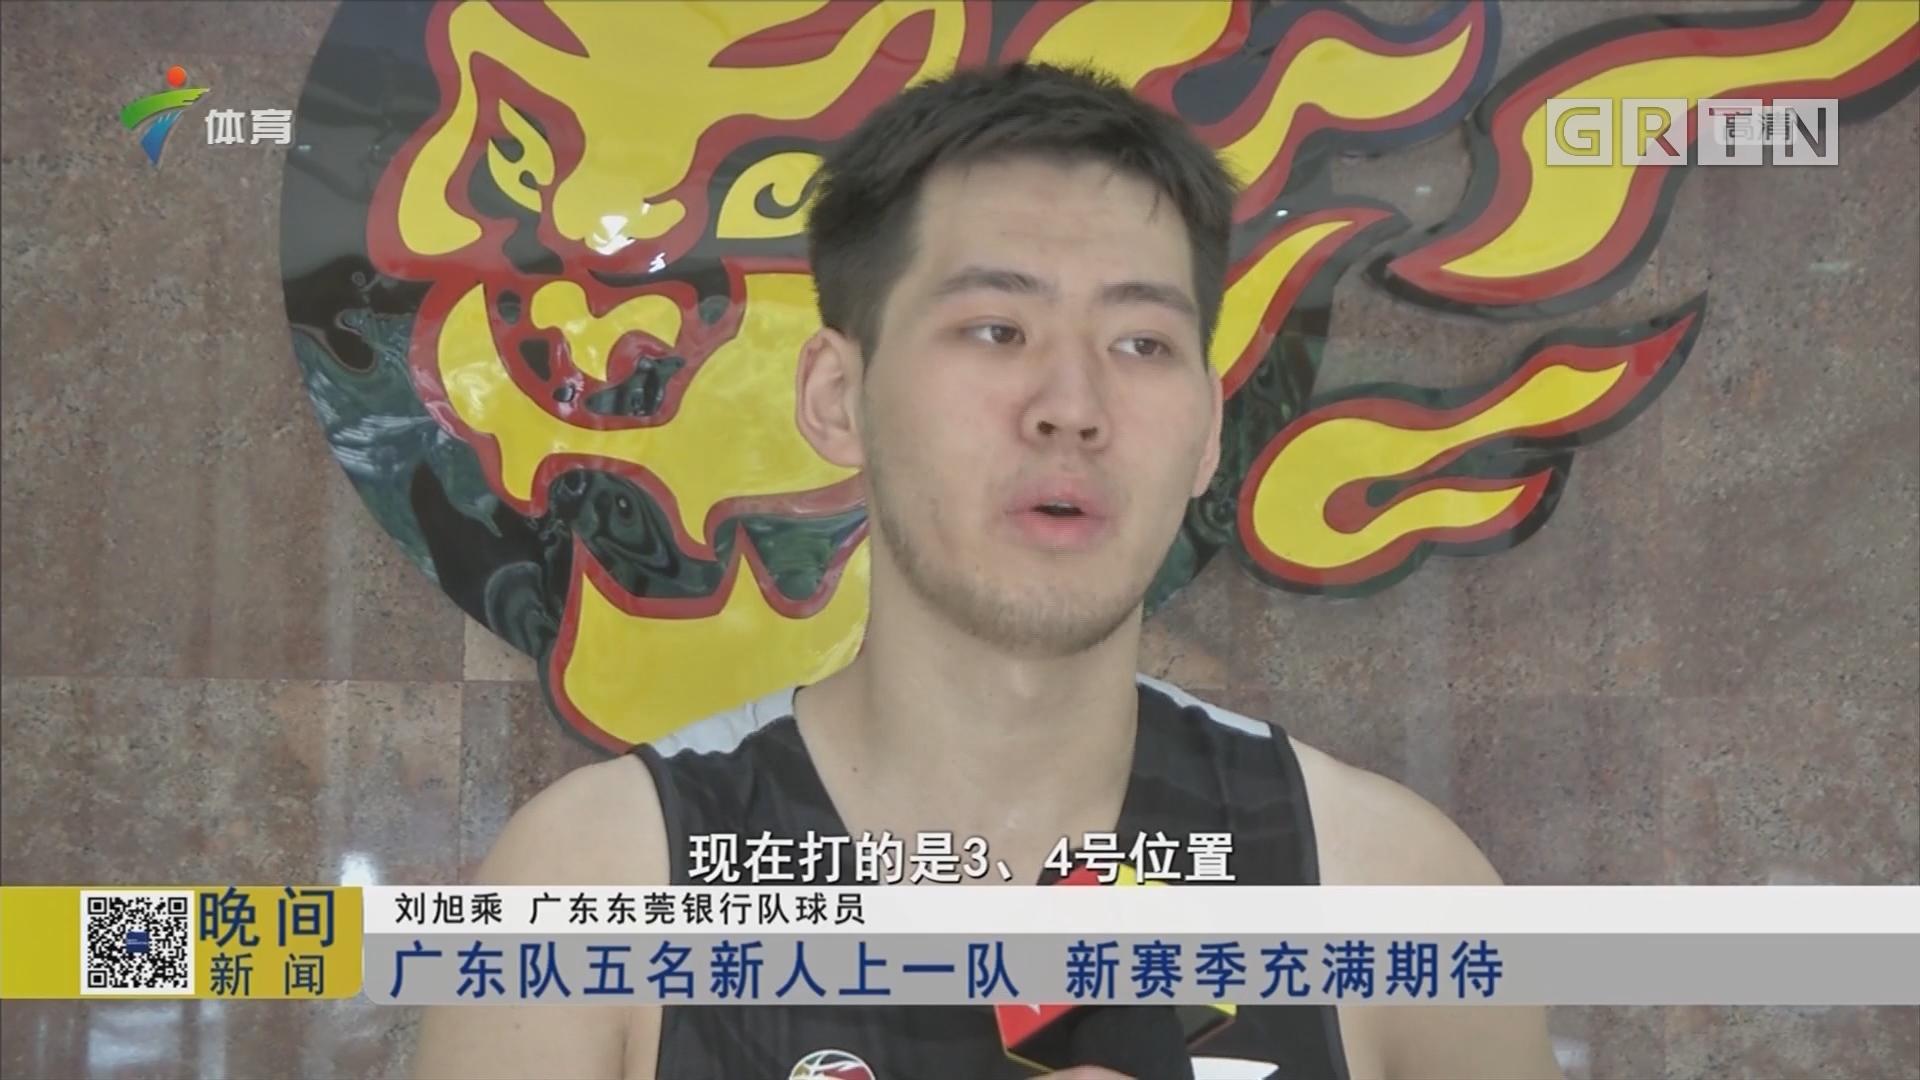 广东队五名新人上一队 新赛季充满期待